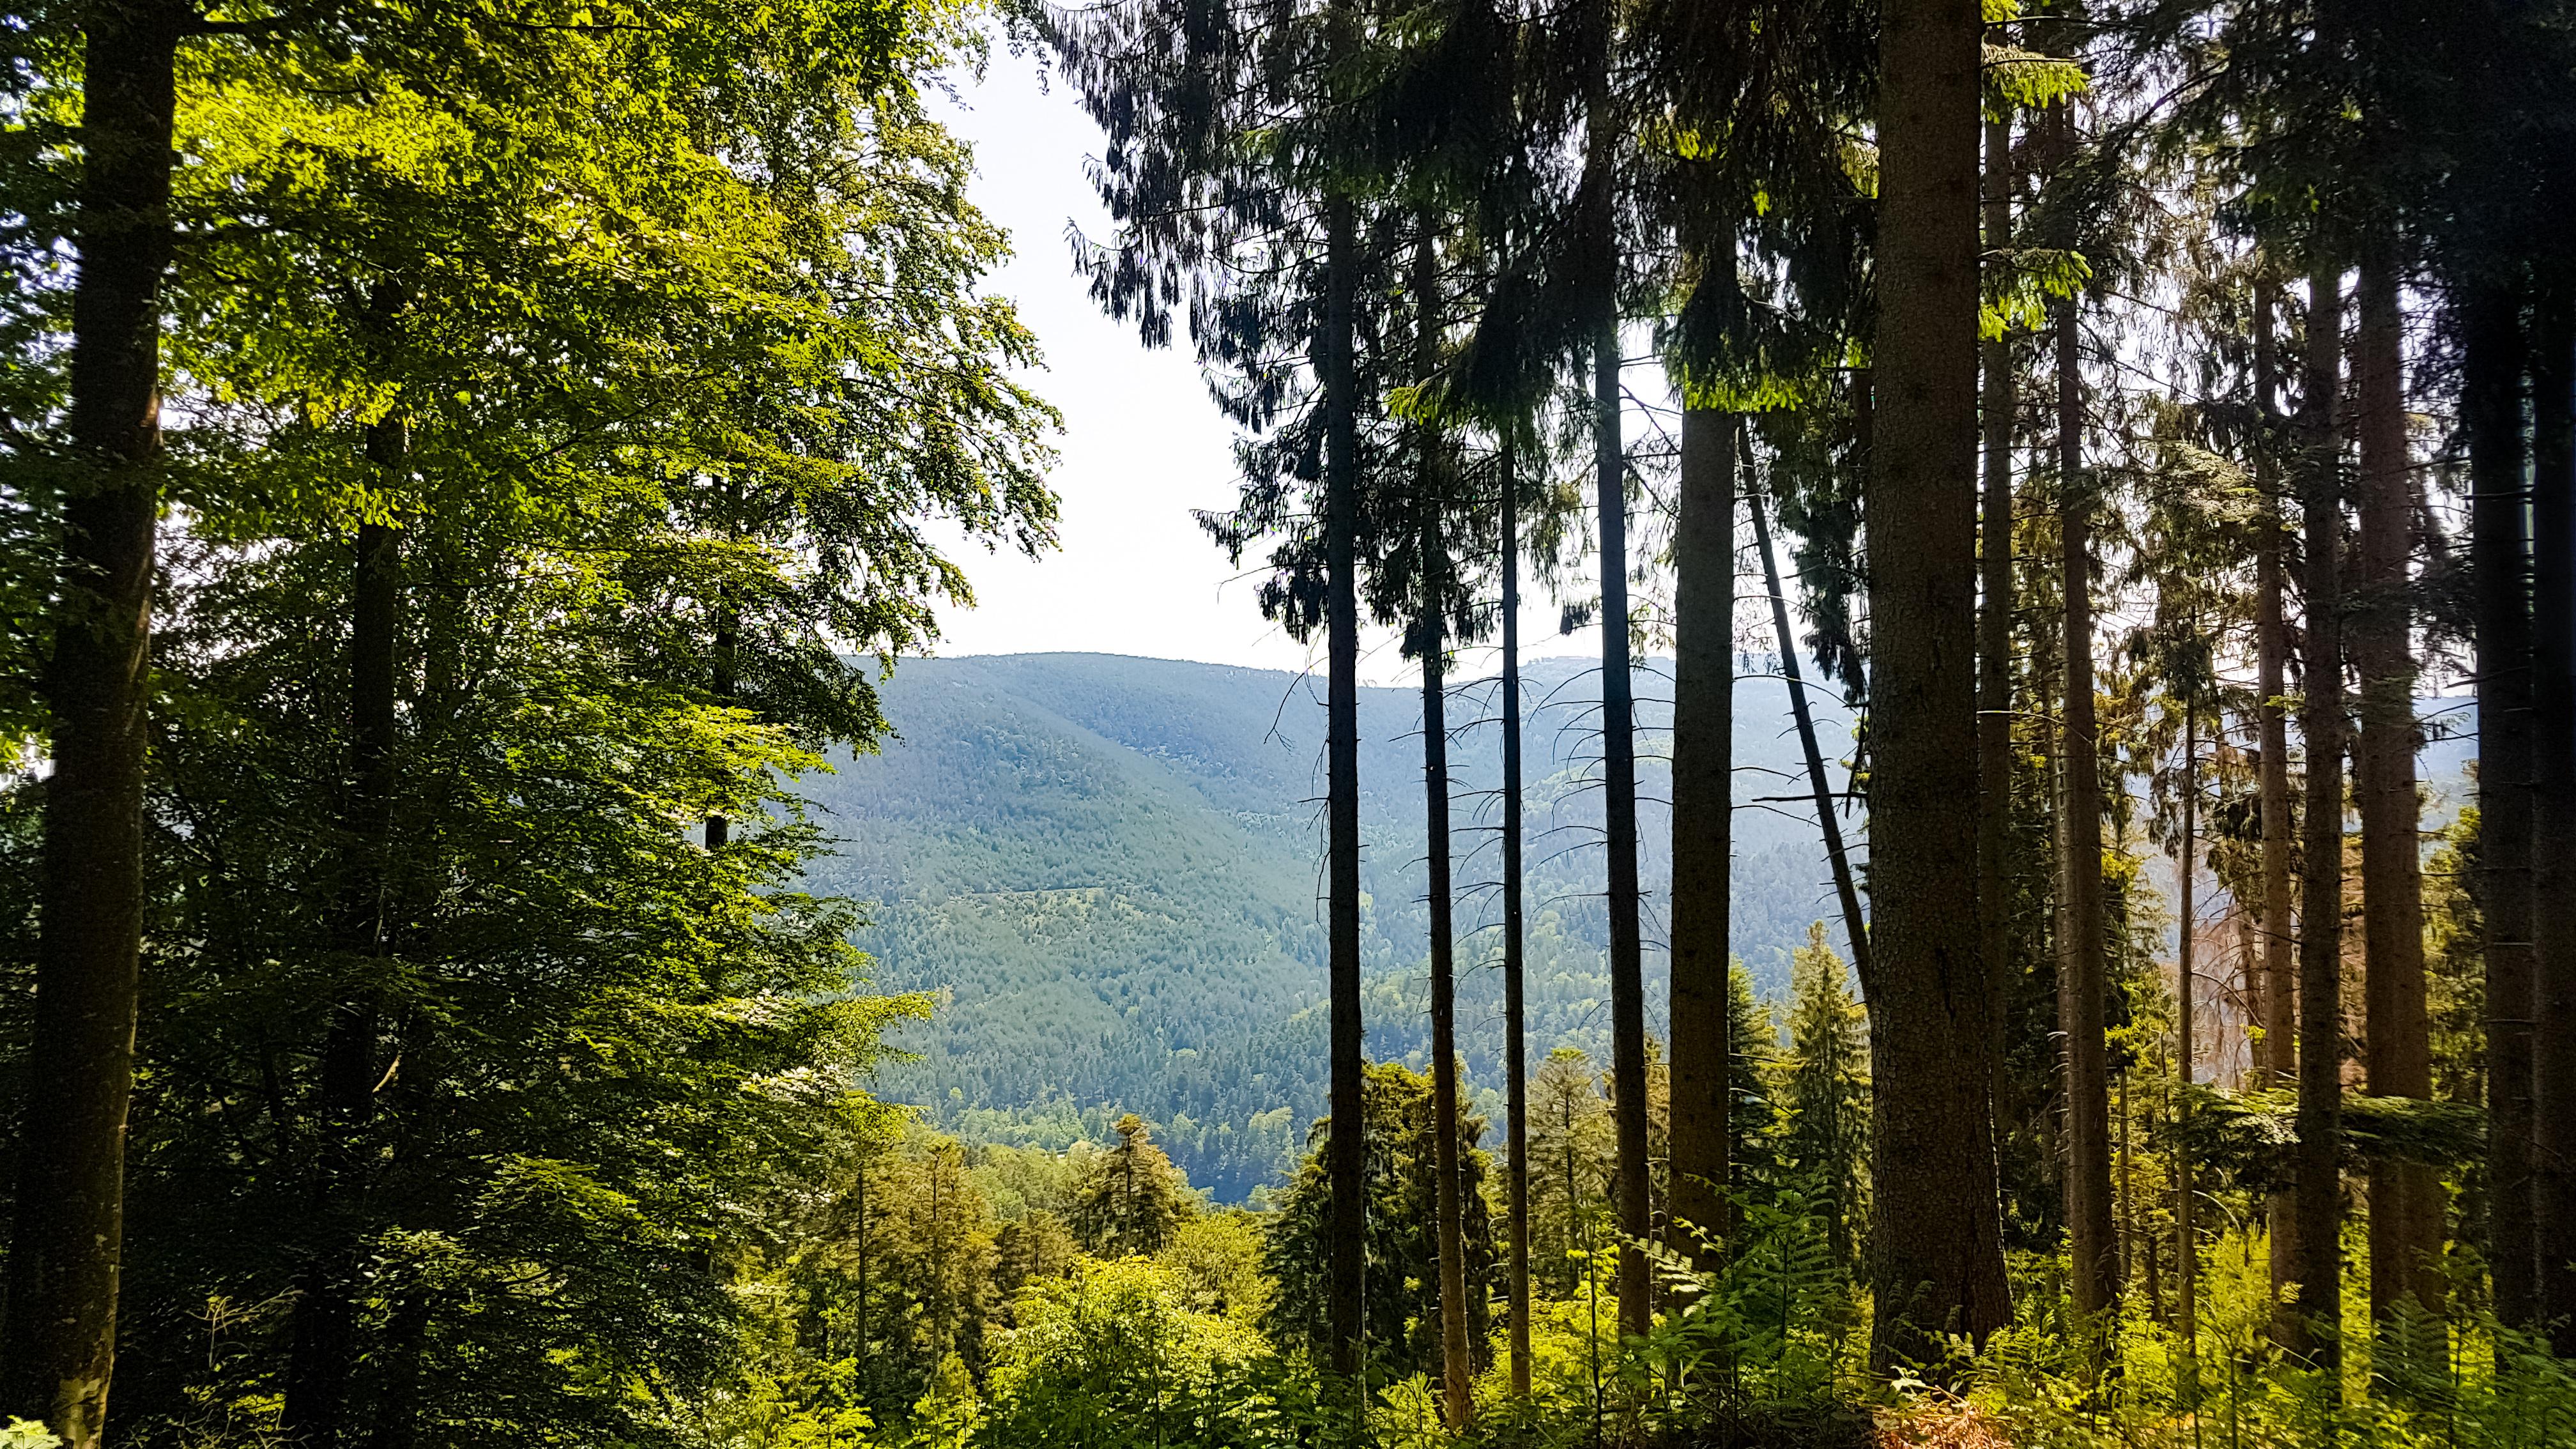 Projet de téléphérique au Mont Sainte-Odile : le groupe local Piémont en sentinelles de la Nature